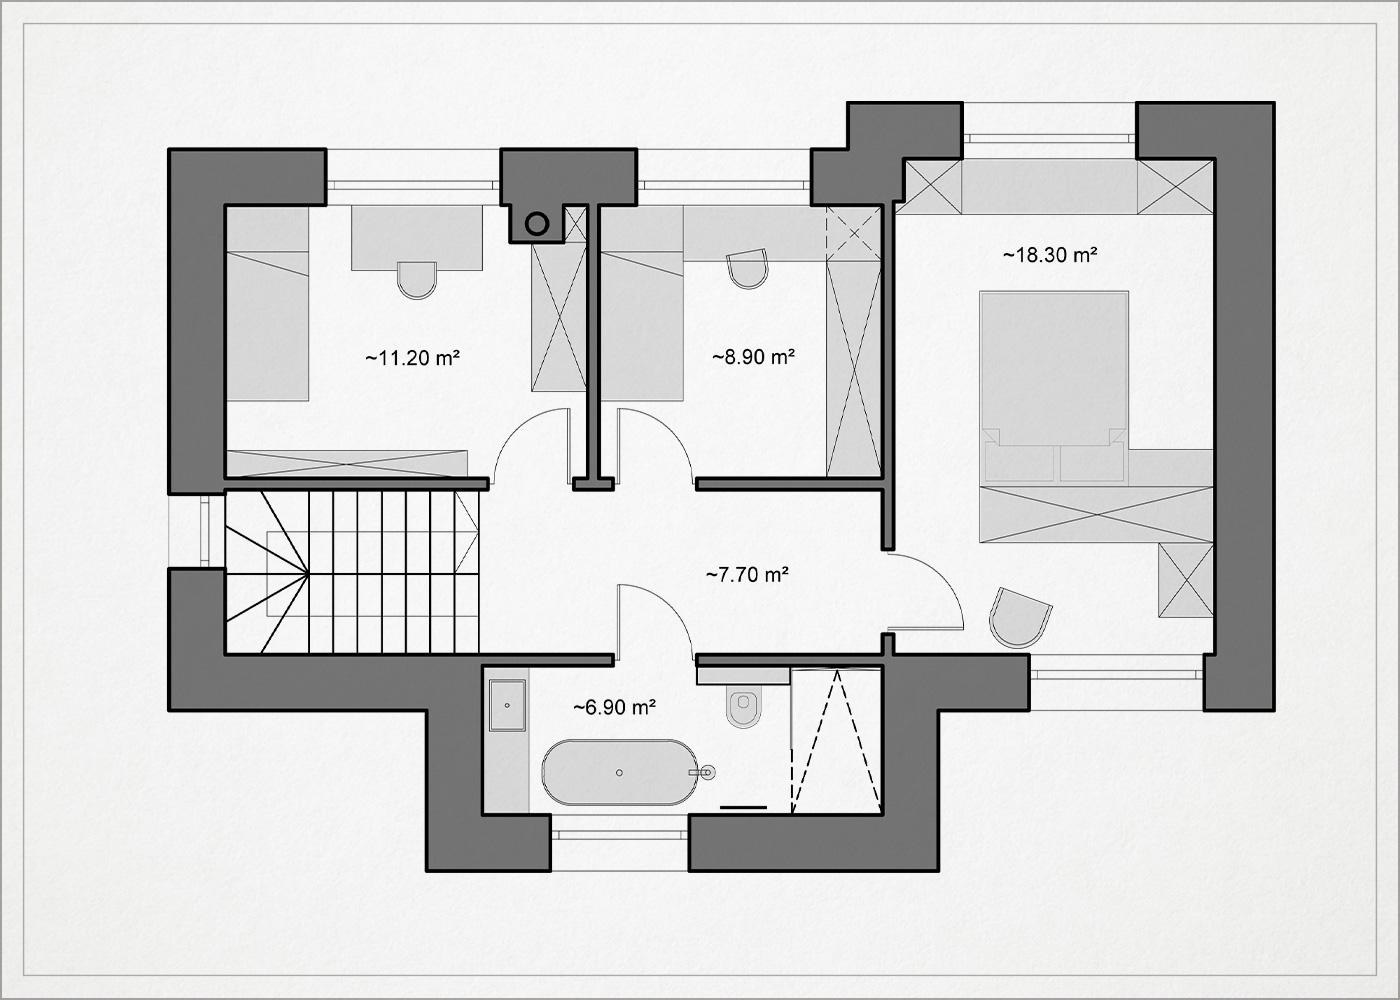 2 auksto architekturinis planas - kotedzas baltupiuose